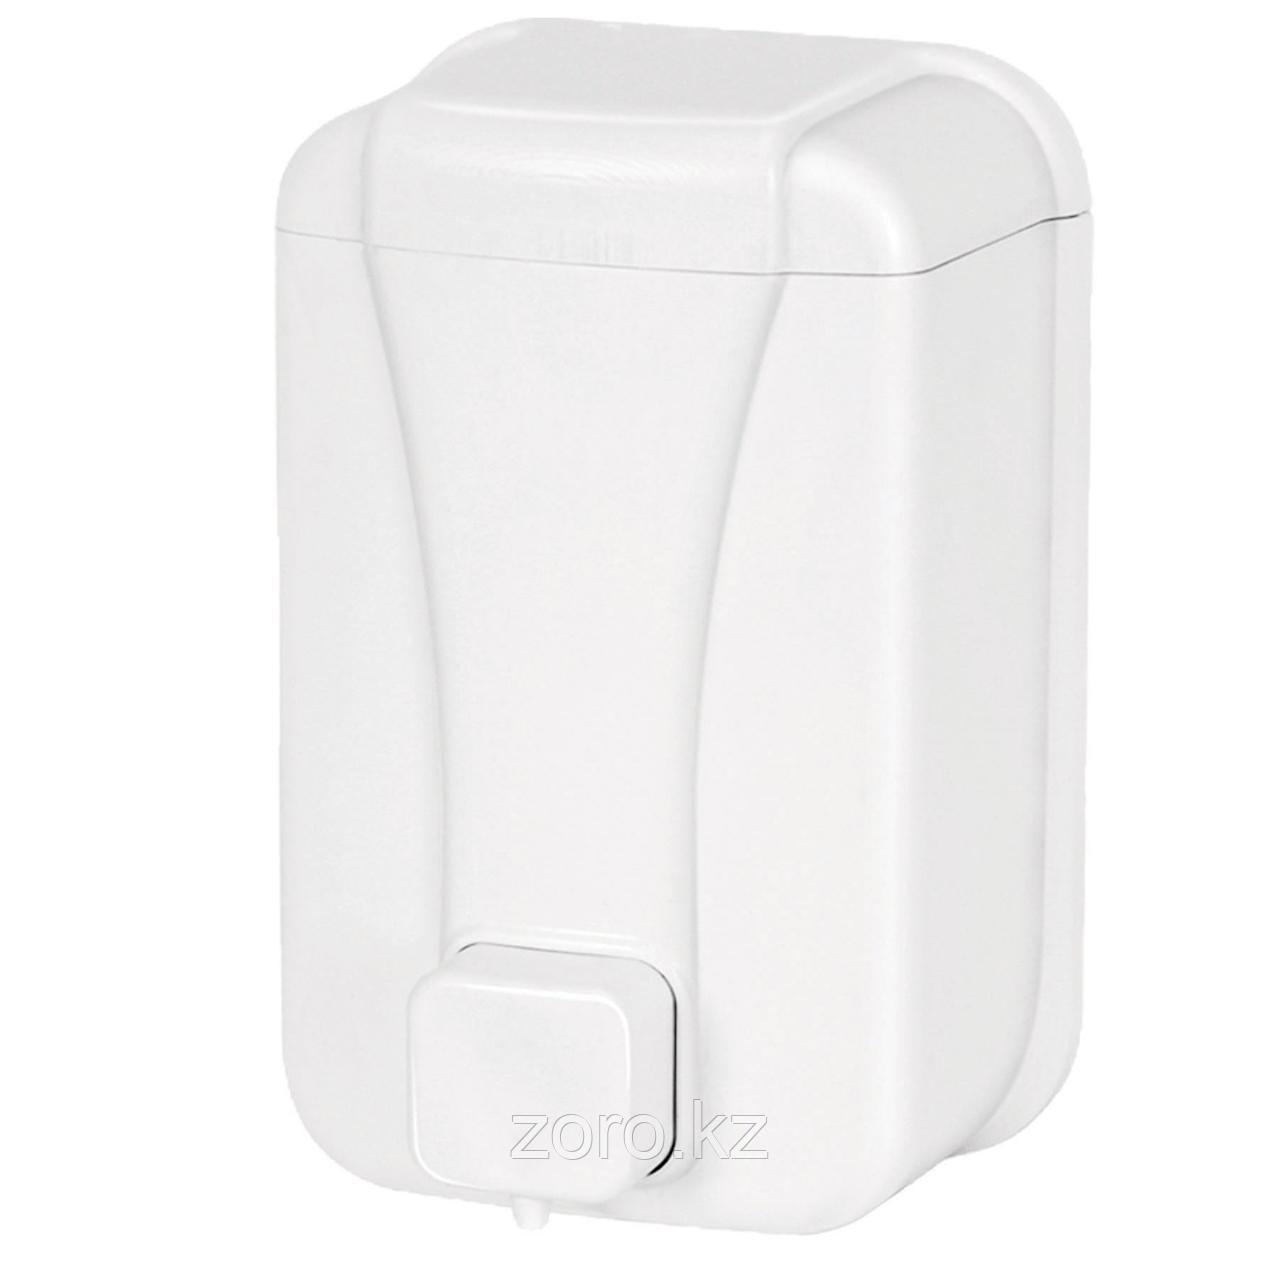 Дозатор Палекс Palex для жидкого мыла 500 мл белый. Диспенсер жидкого мыла